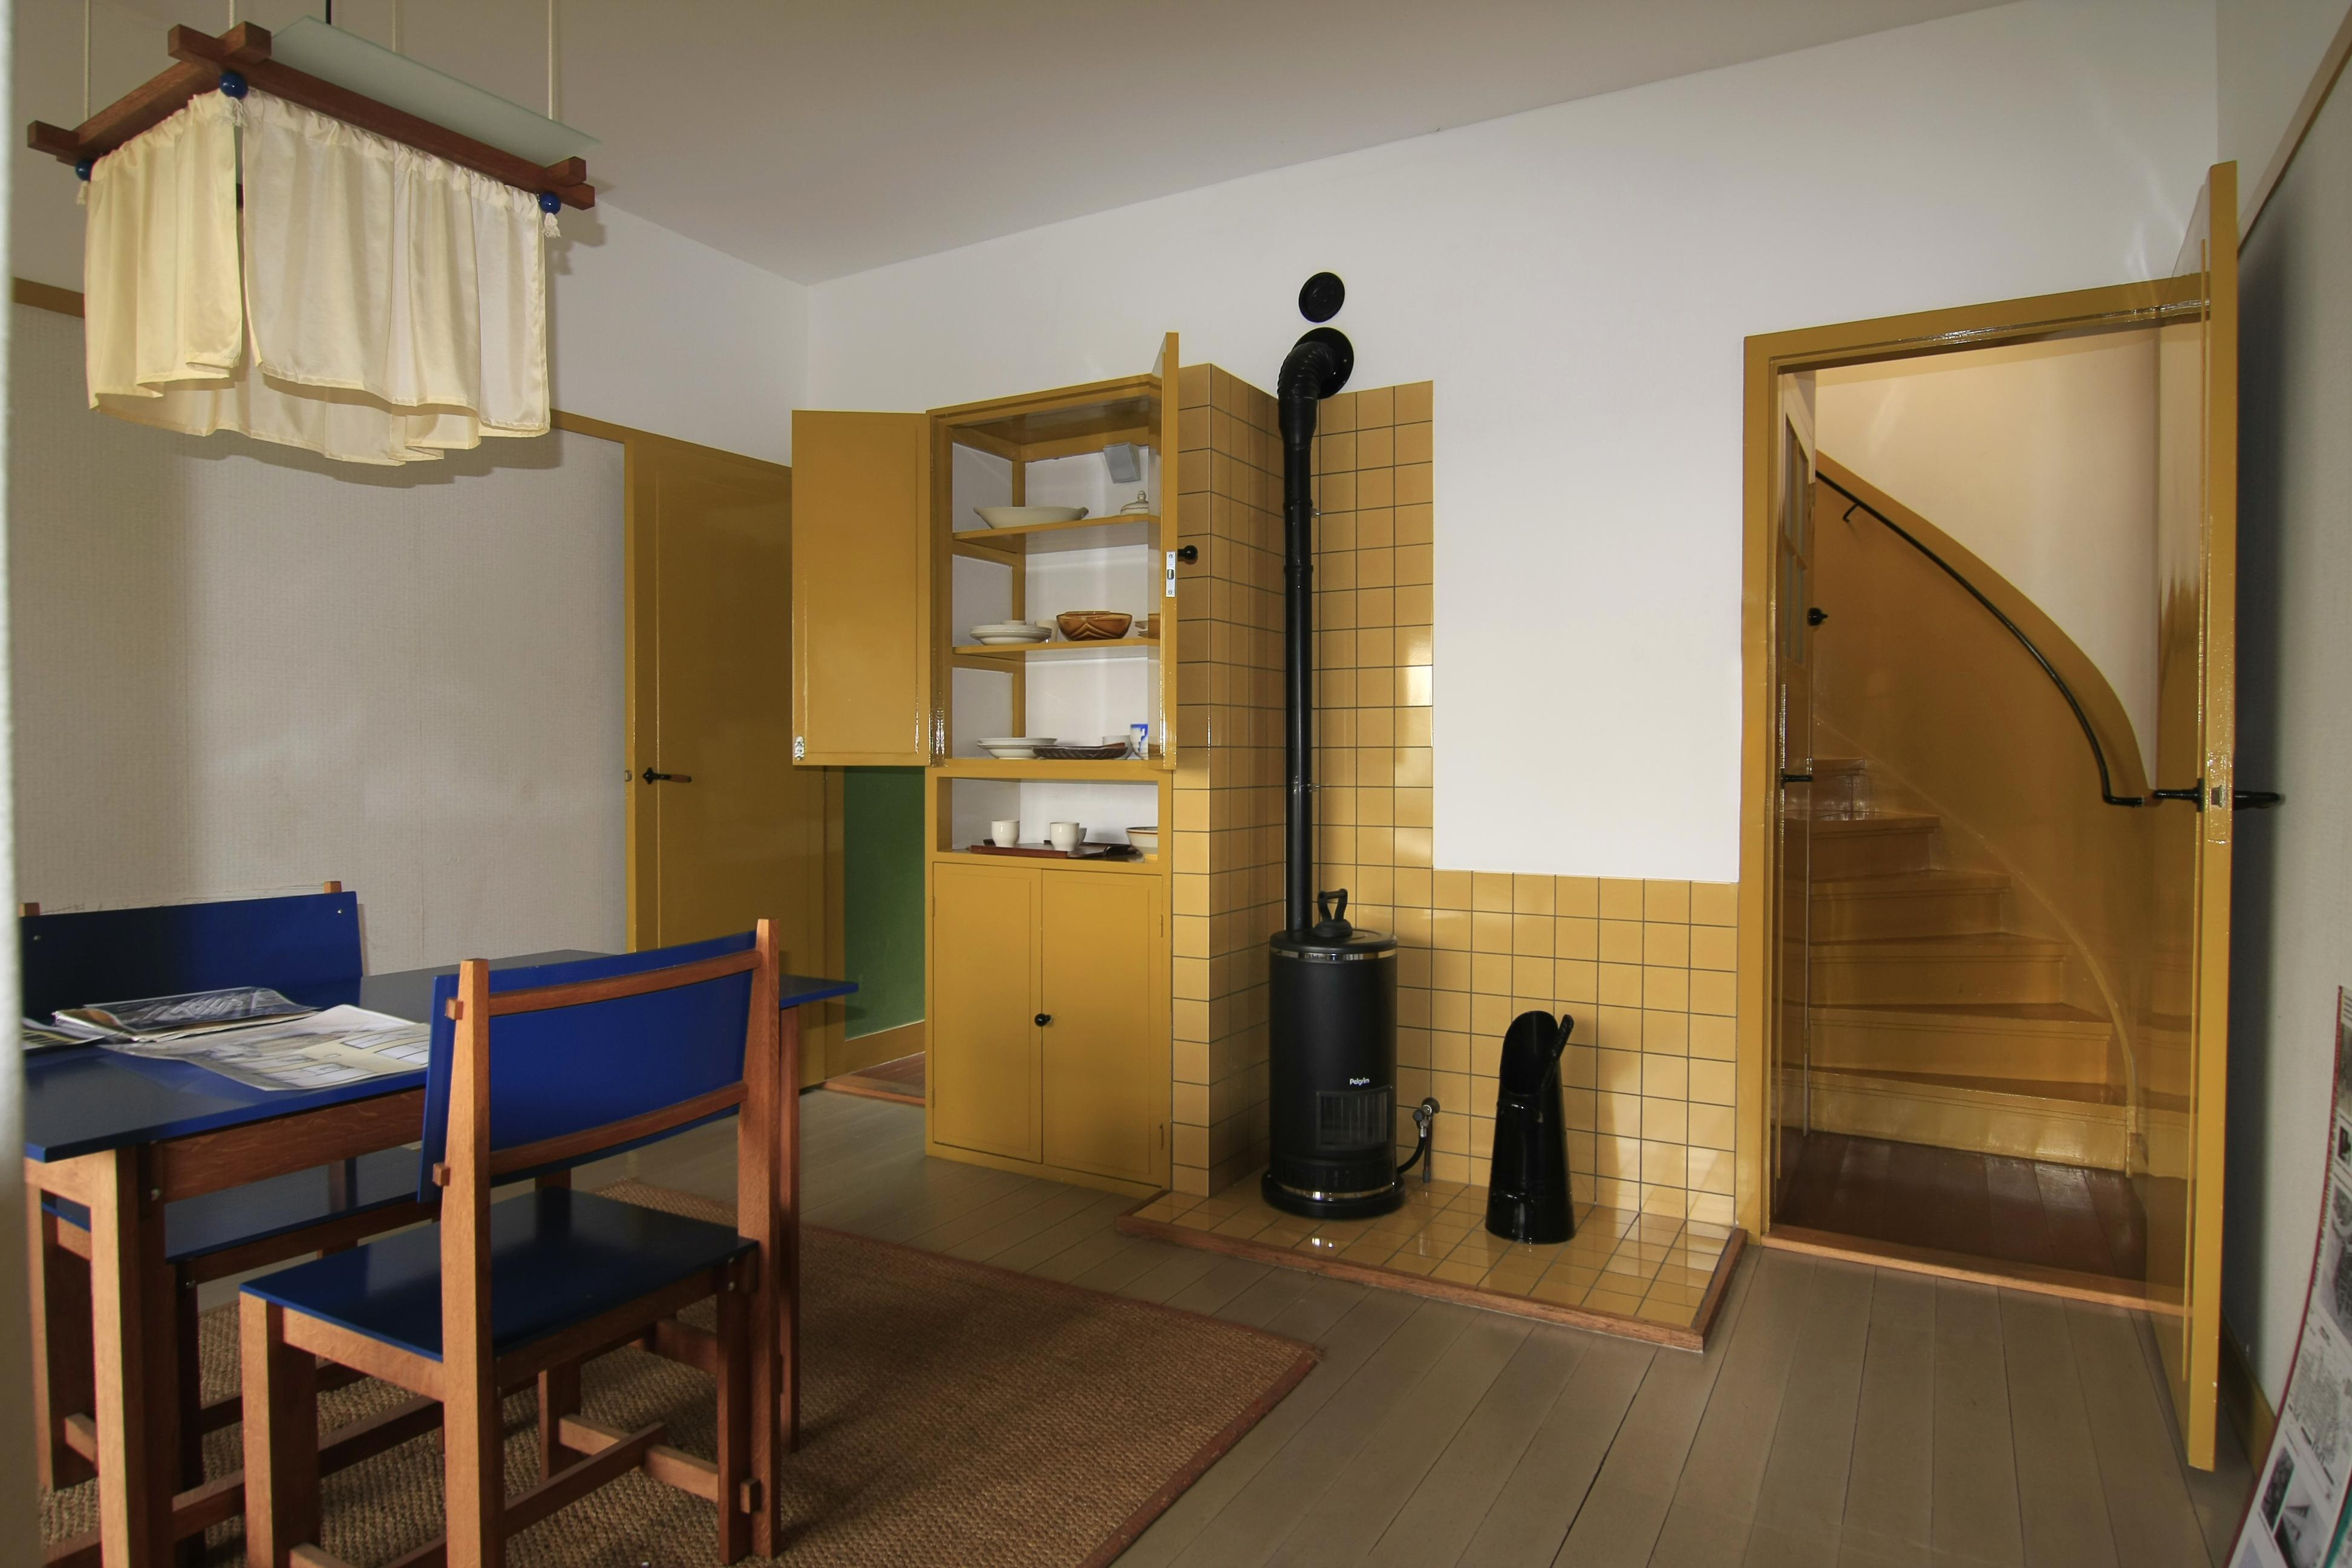 Kubusvorminge eengezinswoningen in de kiefhoek in for Lombardijen interieur rotterdam